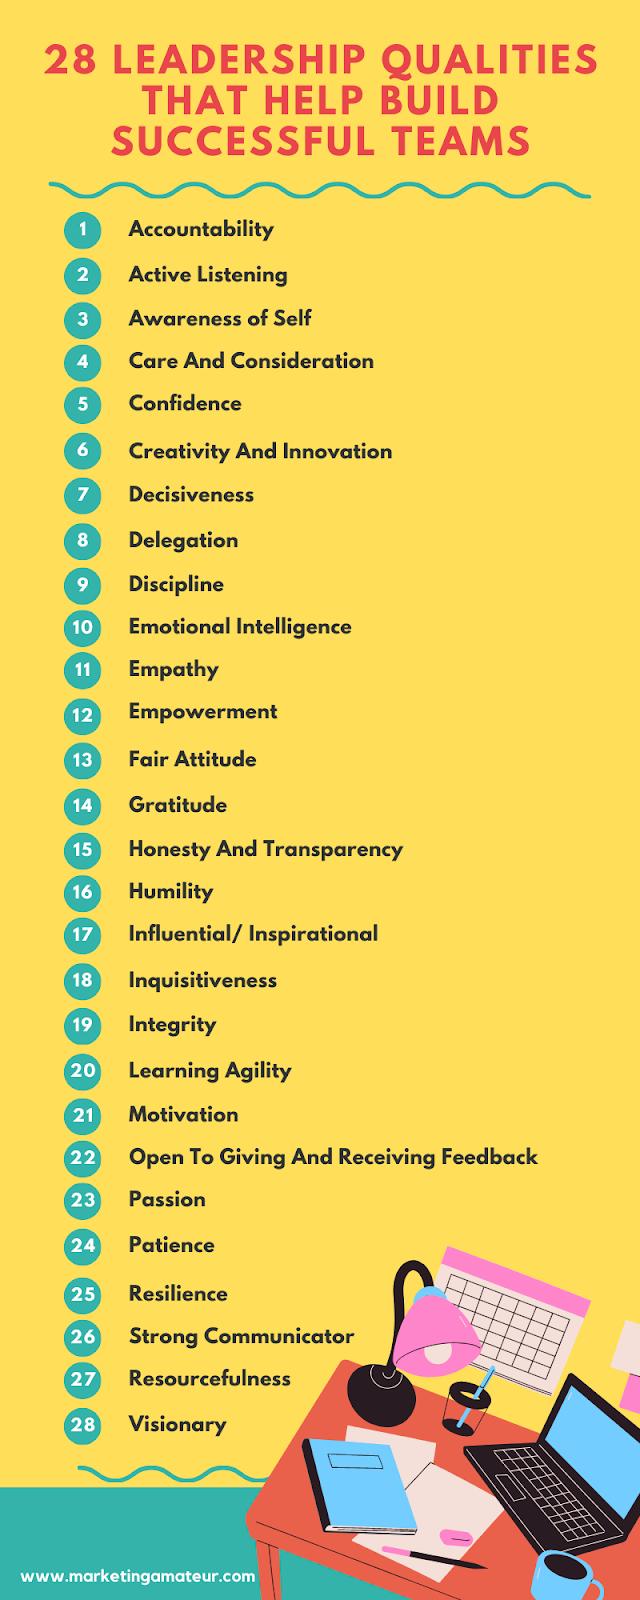 28 Leadership Qualities That Help Build Successful Teams